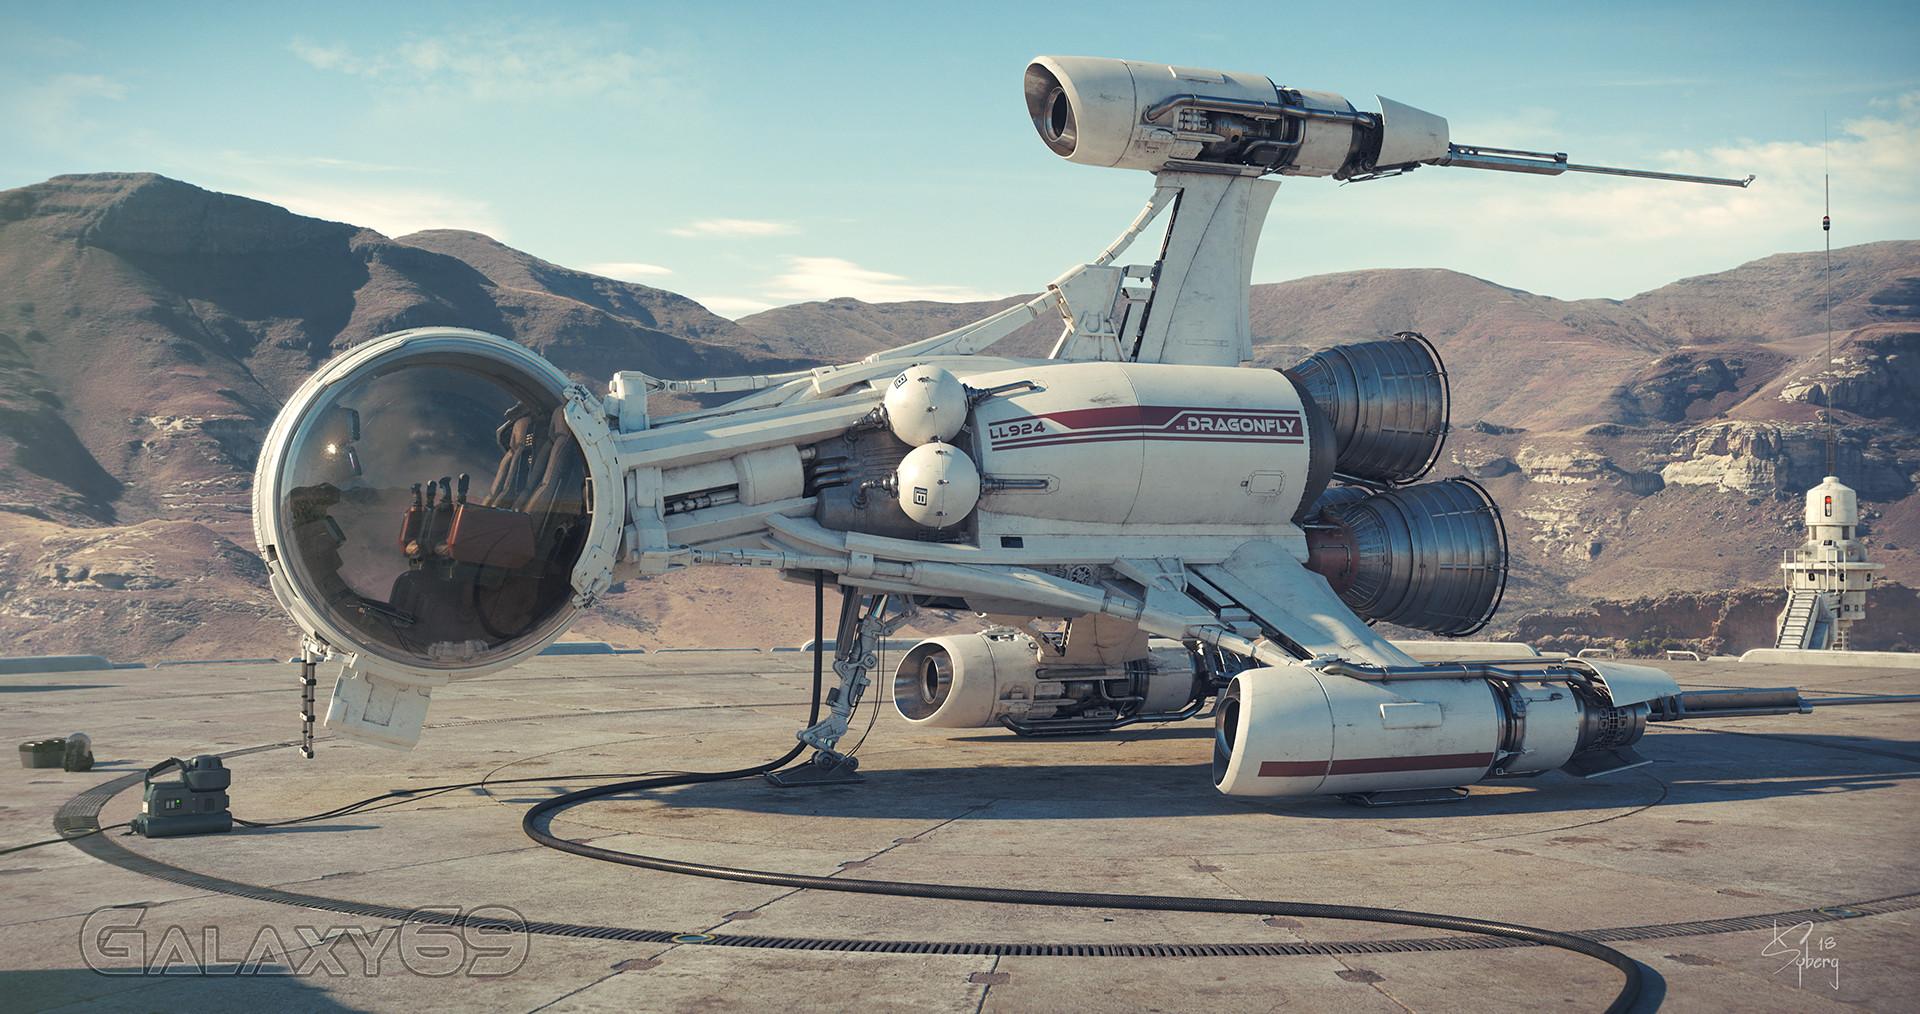 The Super Impressive Sci-Fi Art of Kim Syberg